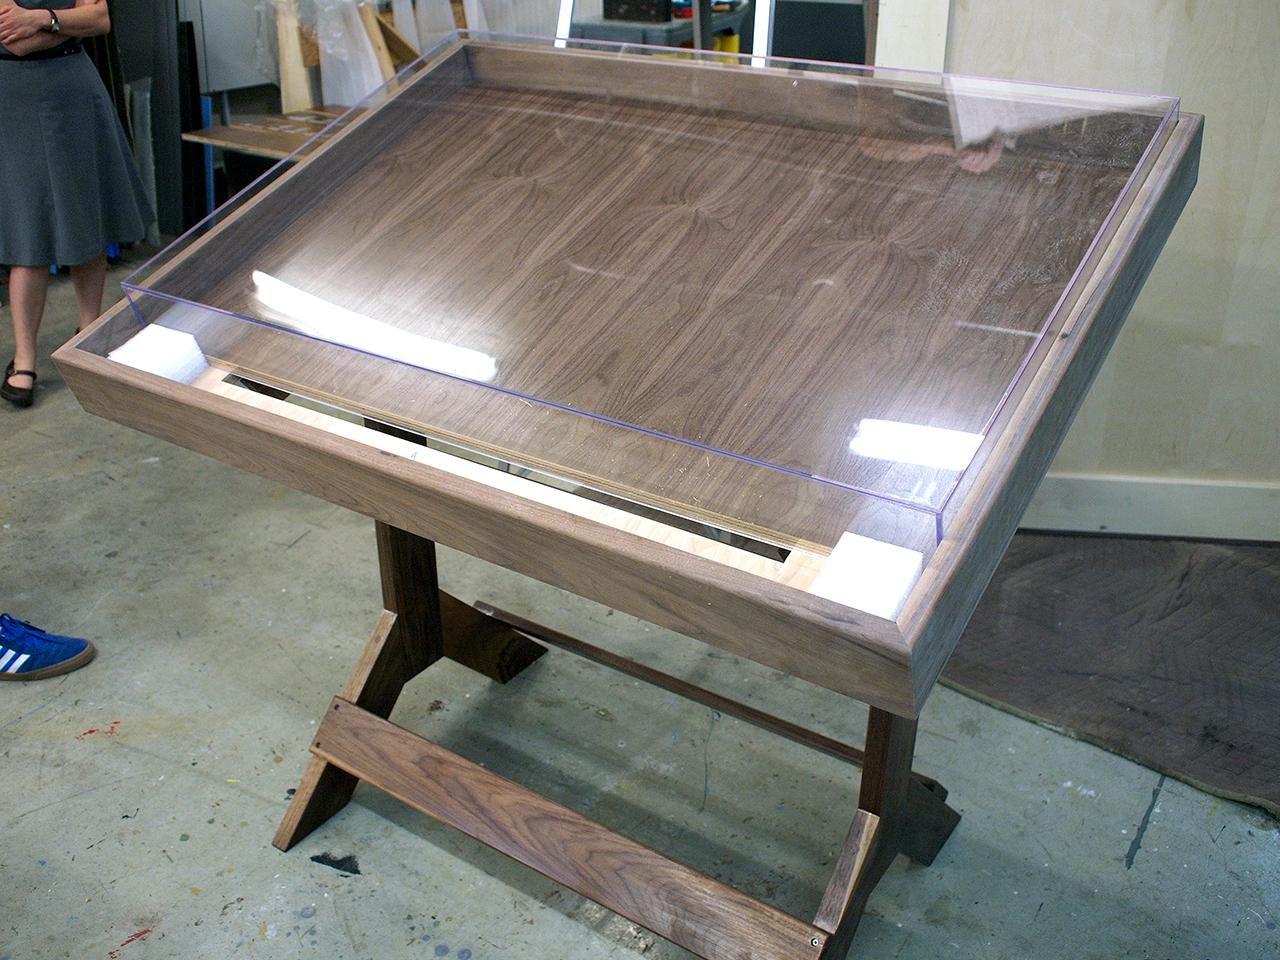 Table avec boîtier en acrylique